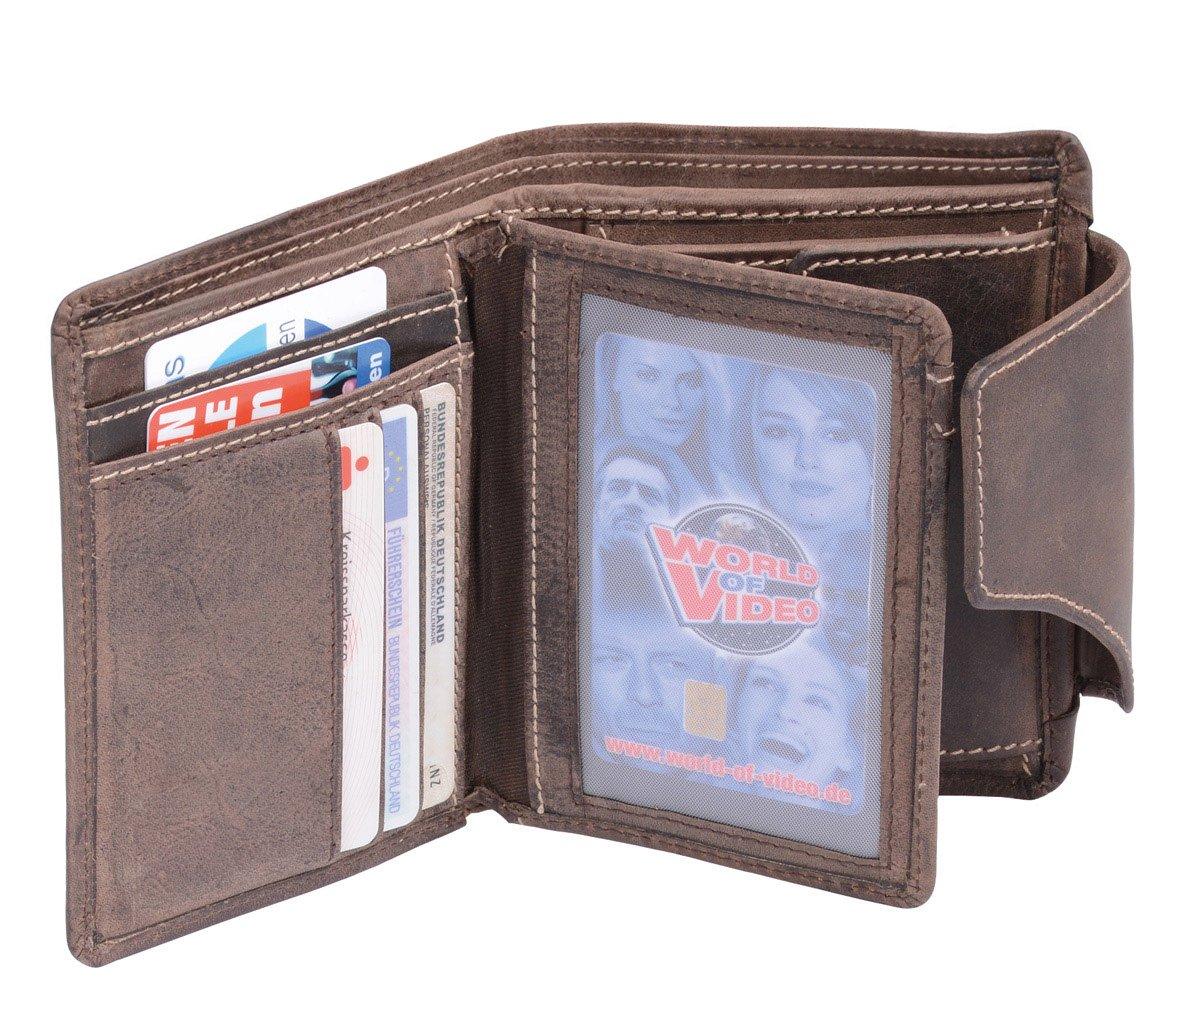 Cartera para señores Monedero para señoras Vintage Style (incluyendo LEAS-regalo caja) LEAS, Piel auténtica, marrón - LEAS Vintage-Collection: ...